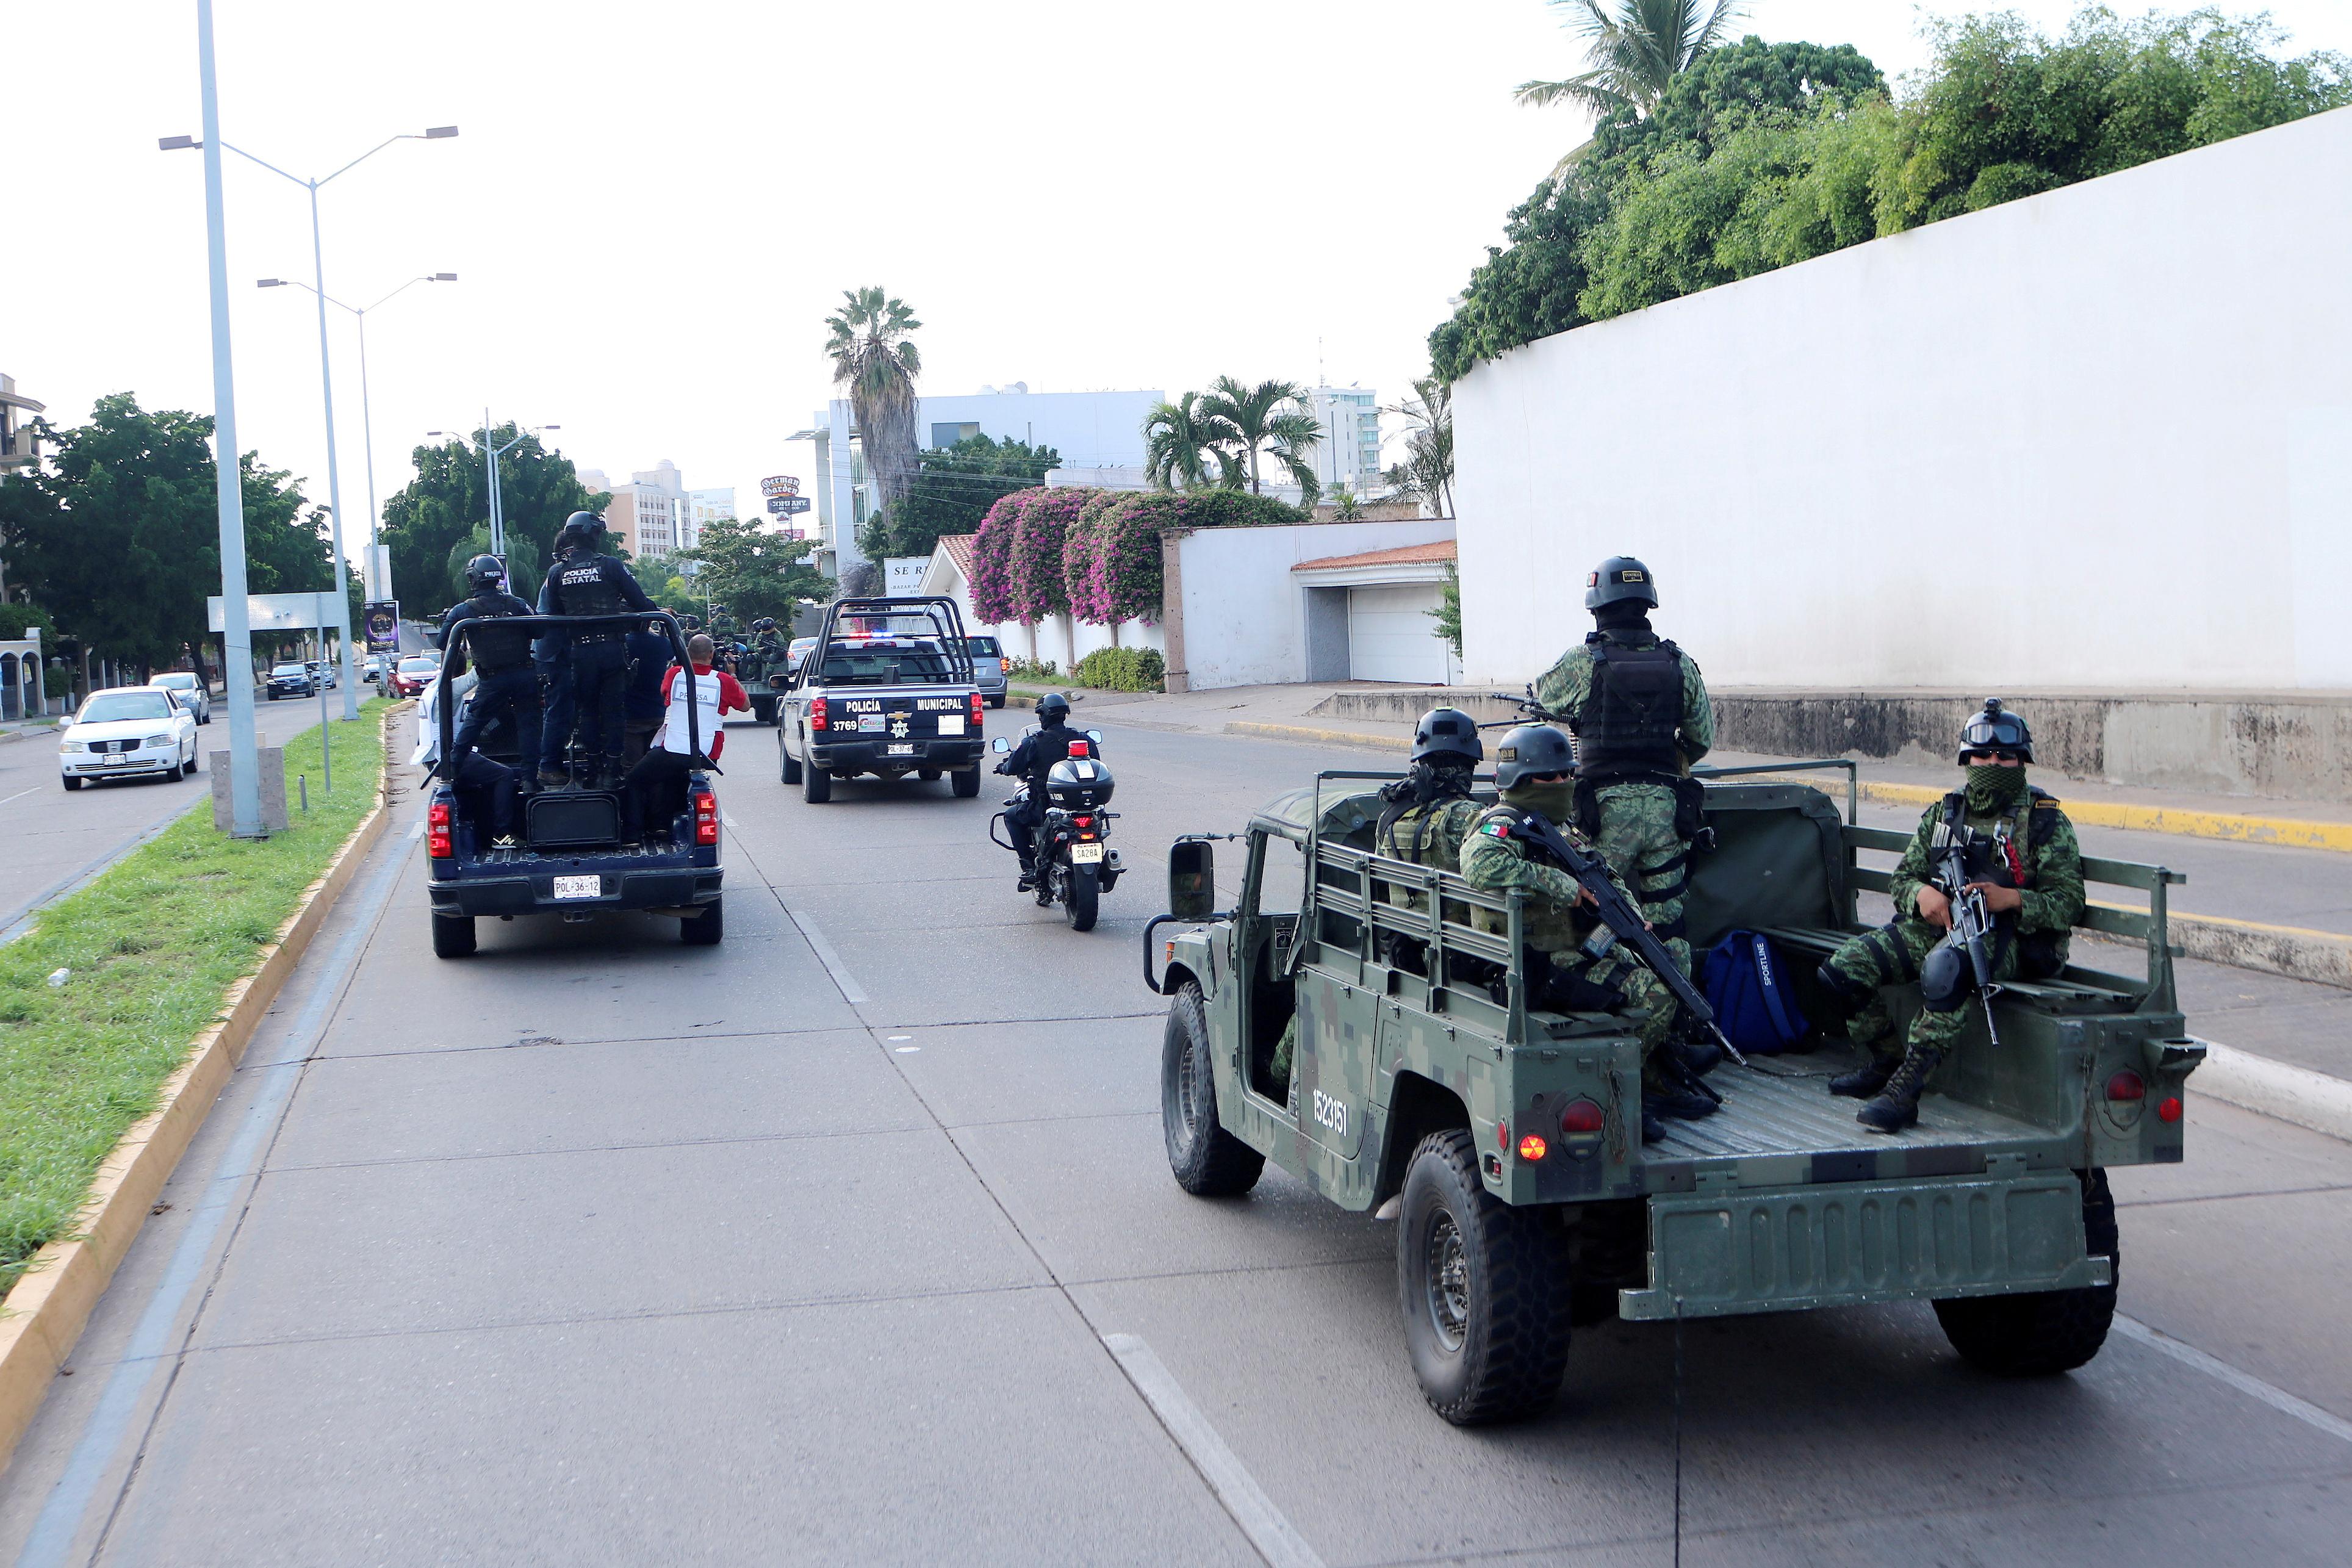 Μεξικό: Αναπτύσσονται ειδικές δυνάμεις στο Κουλιακάν - Βαριά πολυβόλα στους δρόμους